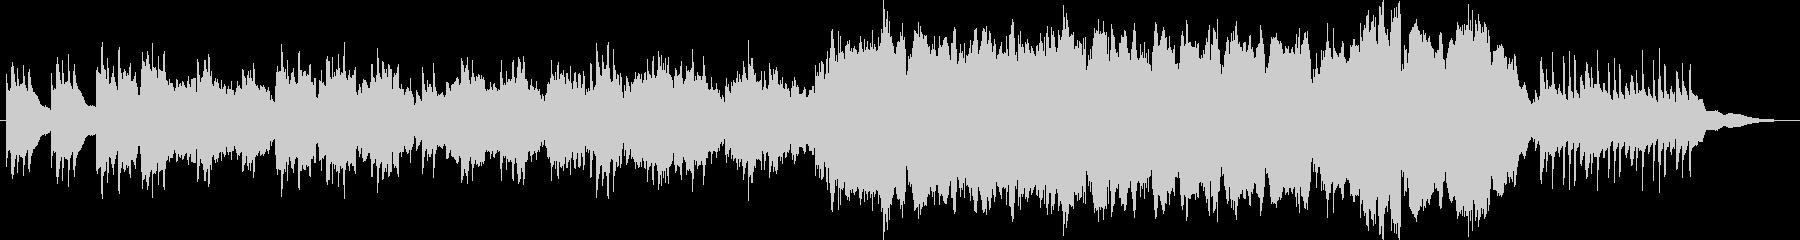 オーケストラによる暗い曲の未再生の波形